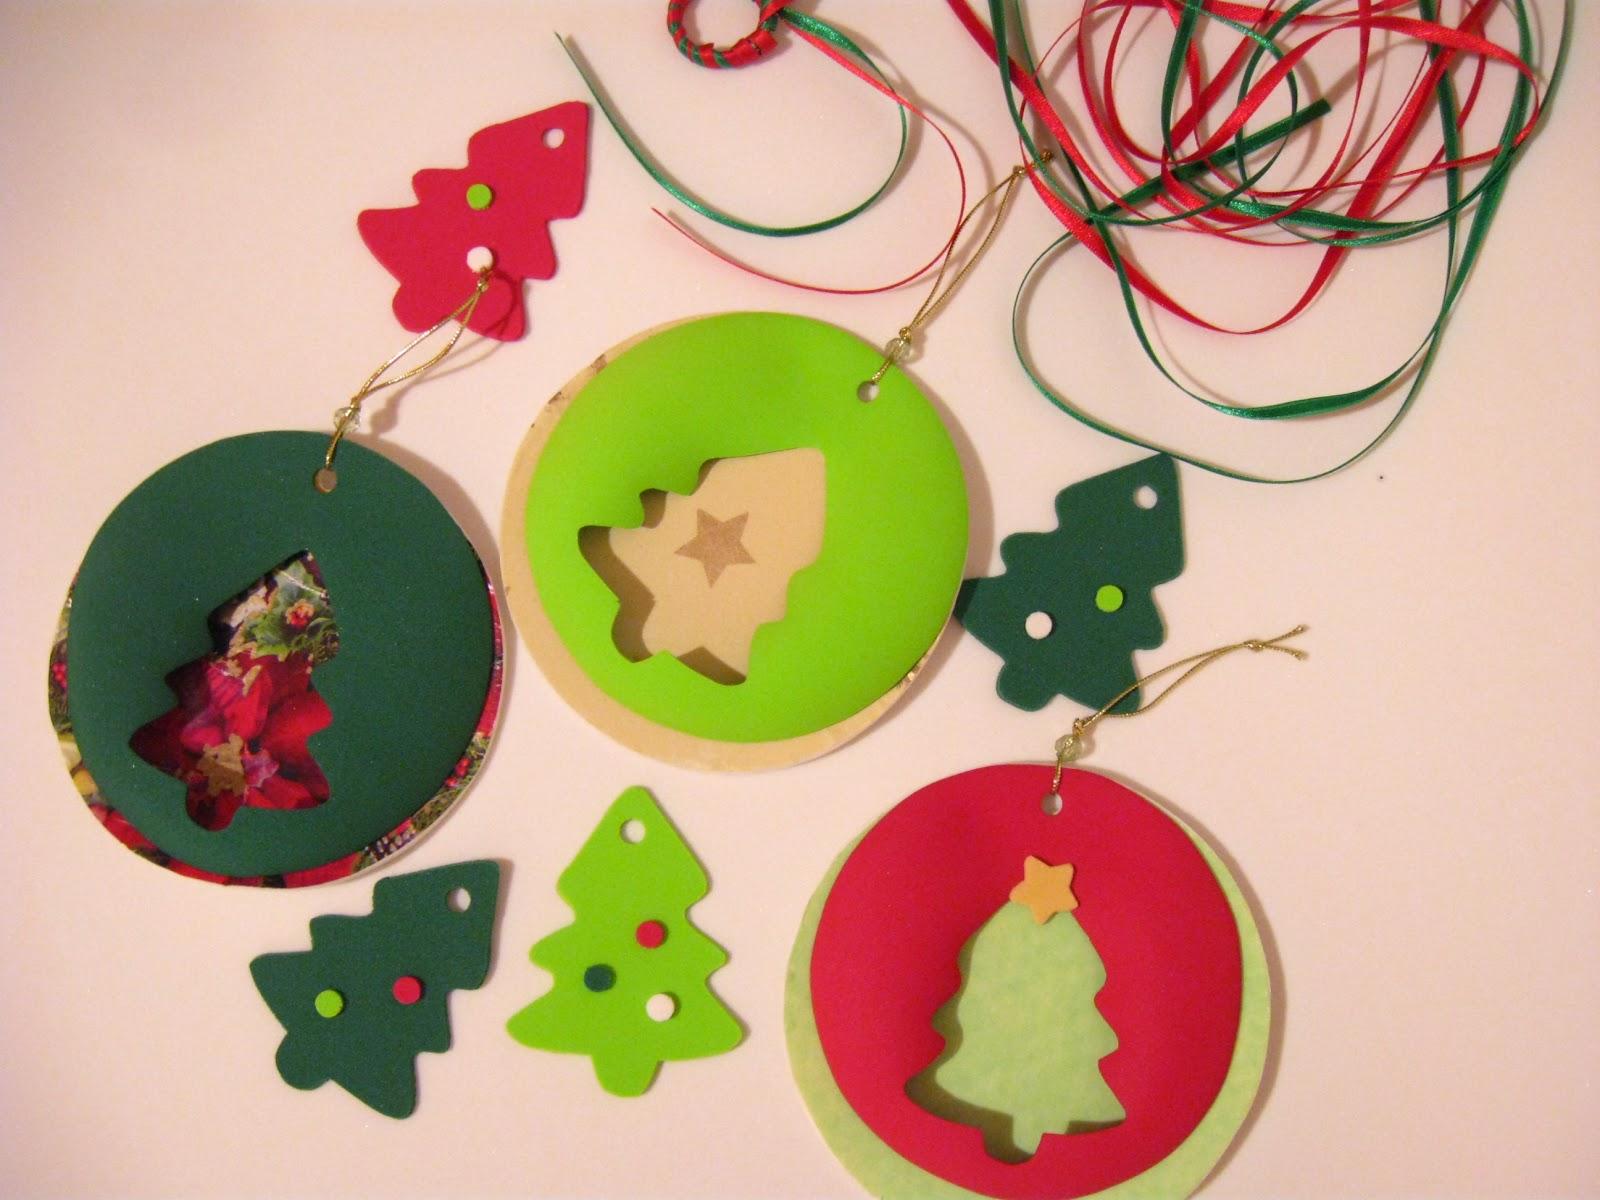 Accesorios infantiles con dise o guirnalda y adornos - Trabajos en goma eva navidad ...